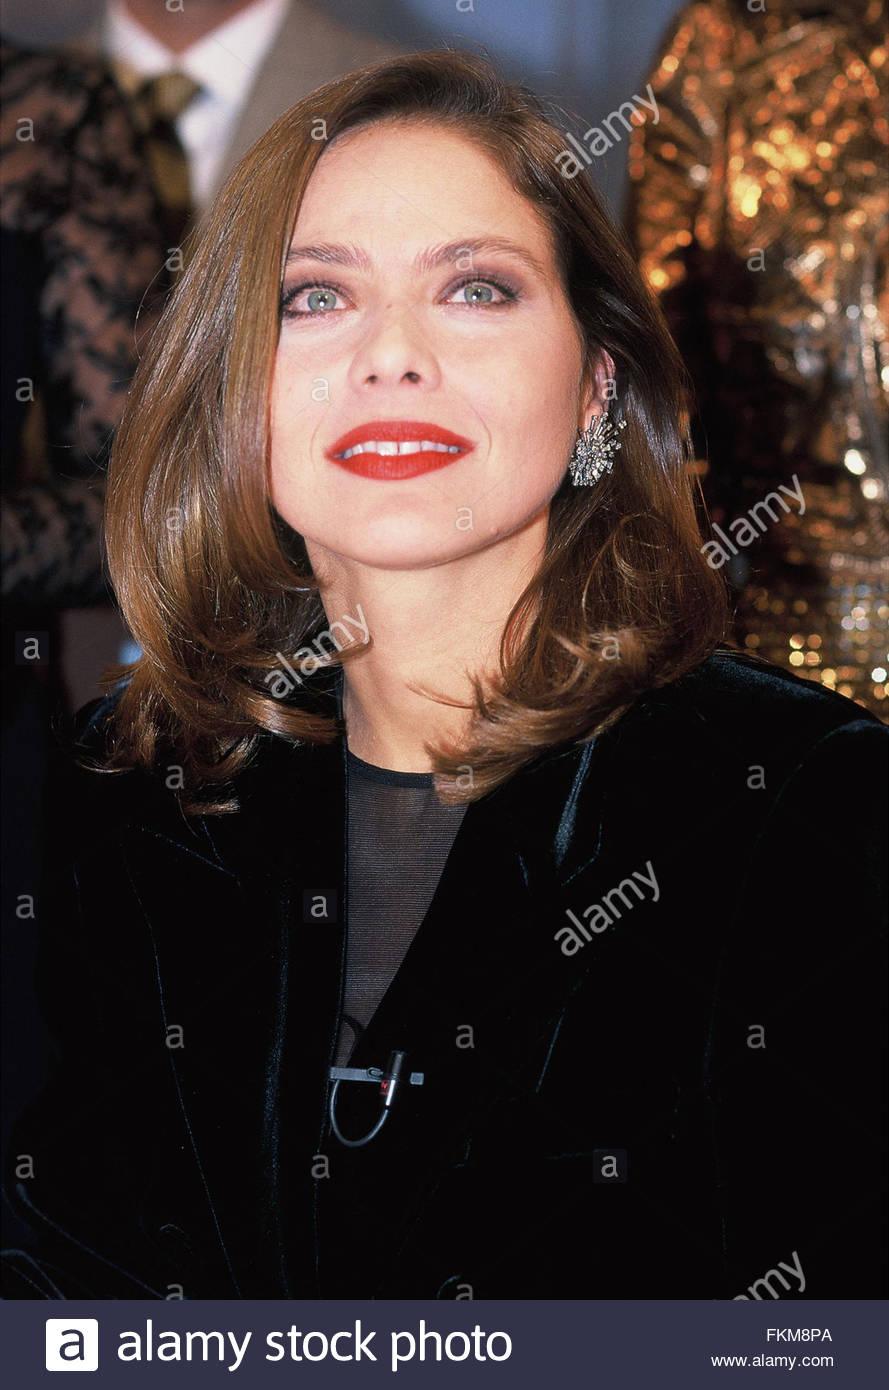 Ornella Muti (born 1955)